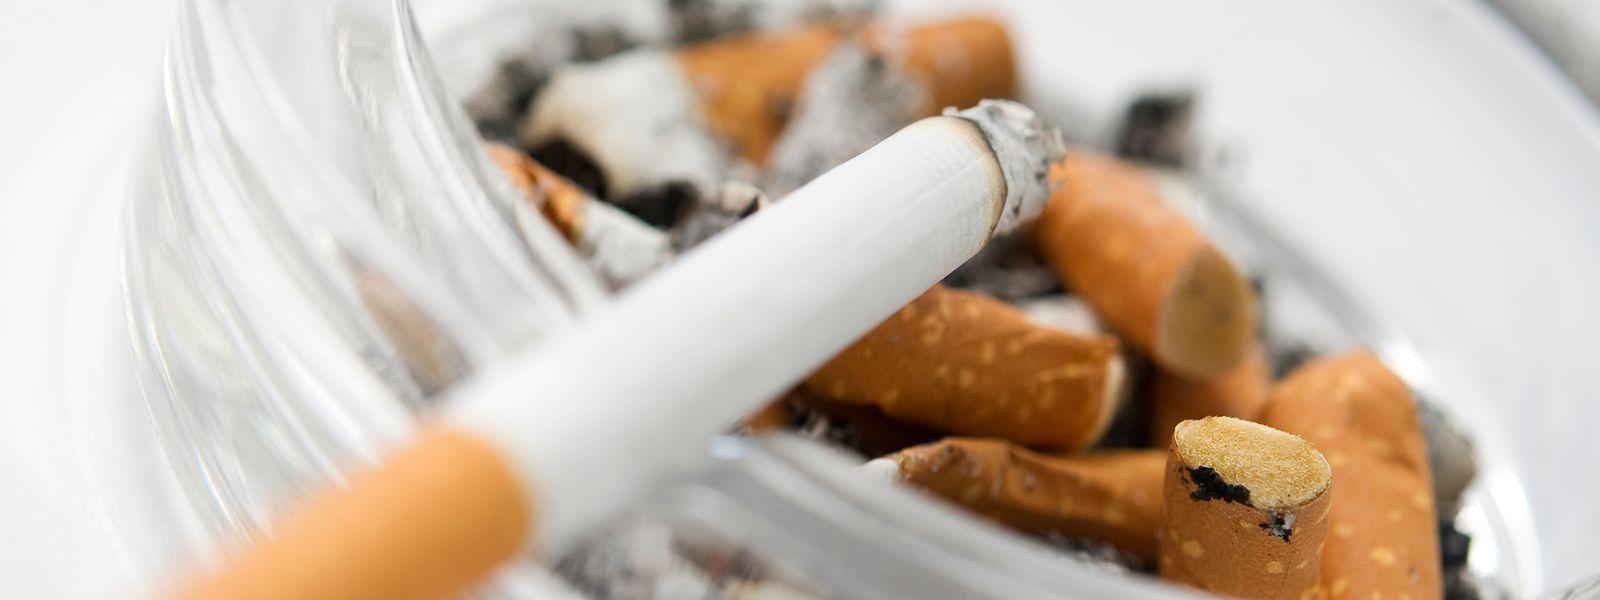 Zu den Auswirkungen von Tabakkonsum auf Corona-Erkrankungen gab es in den vergangenen Wochen einige Aussagen – viele davon sind mit Vorsicht zu genießen.